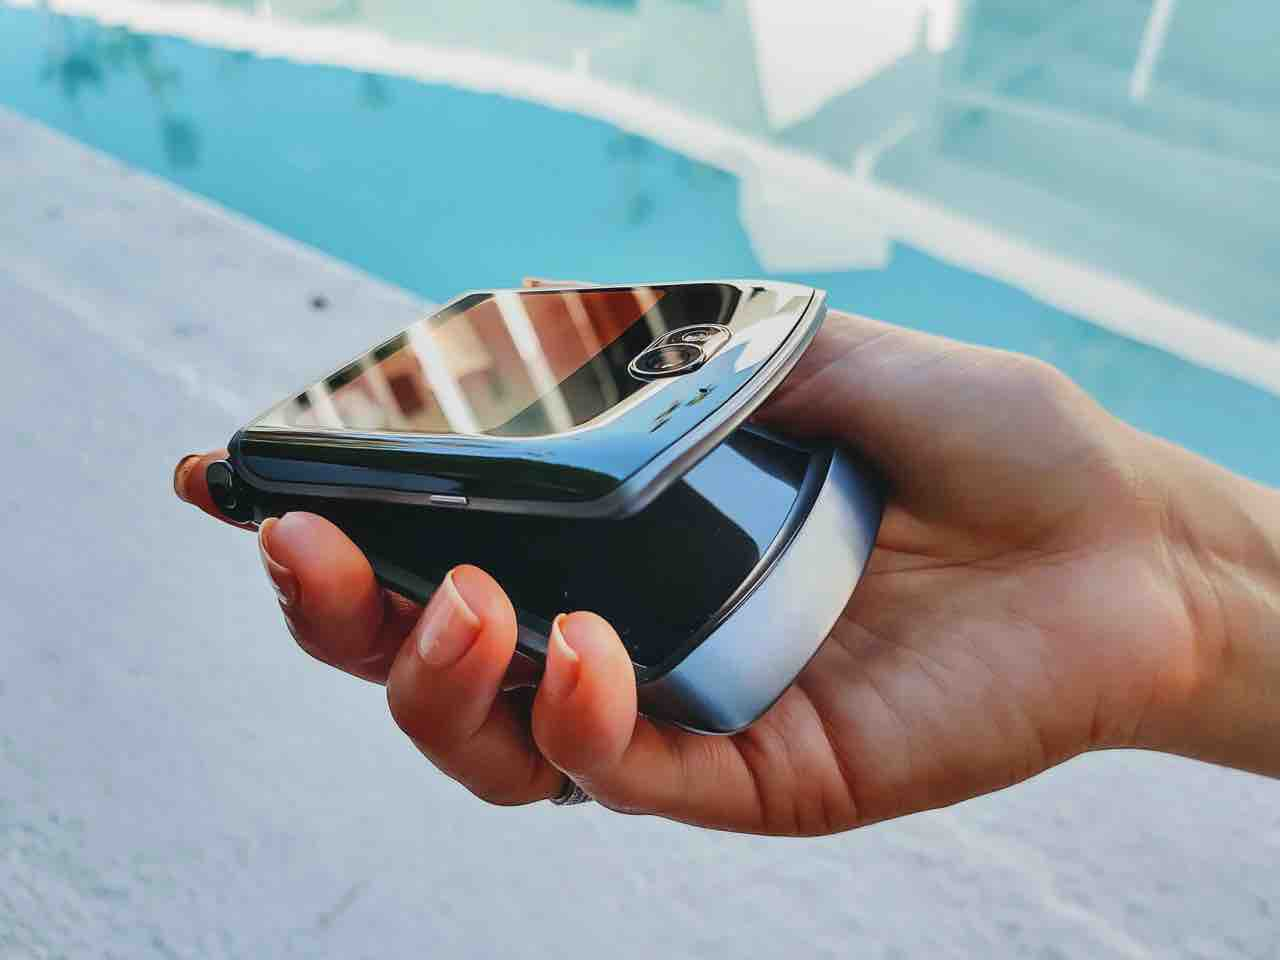 Motorola lanza en Colombia teléfono plegable con características premium para videojuegos y producción de video 2